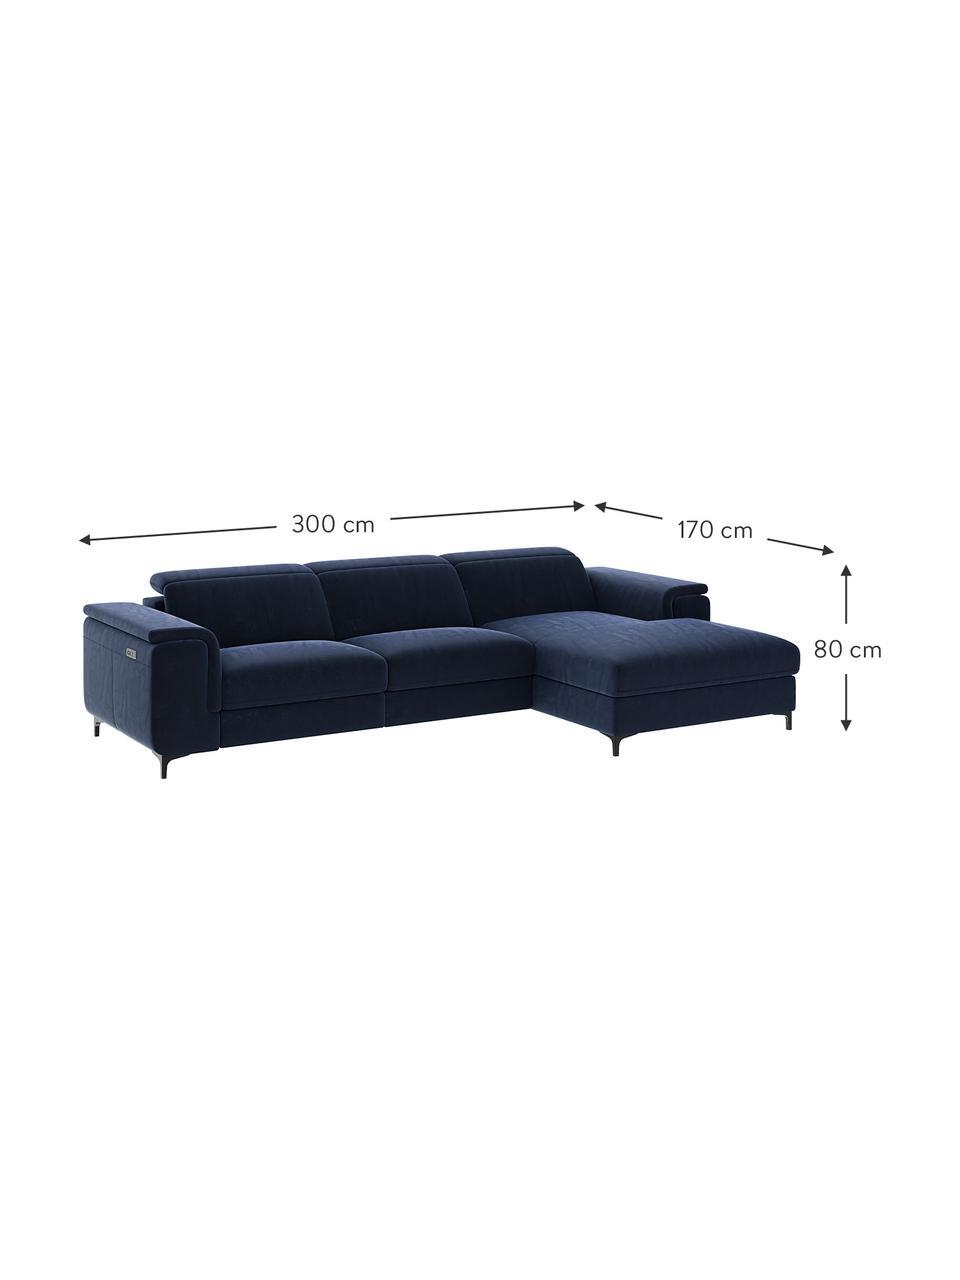 Sofa narożna z aksamitu z funkcją relaks Brito, Tapicerka: 100% aksamit poliestrowy,, Nogi: metal lakierowany, Niebieski, S 300 x G 170 cm